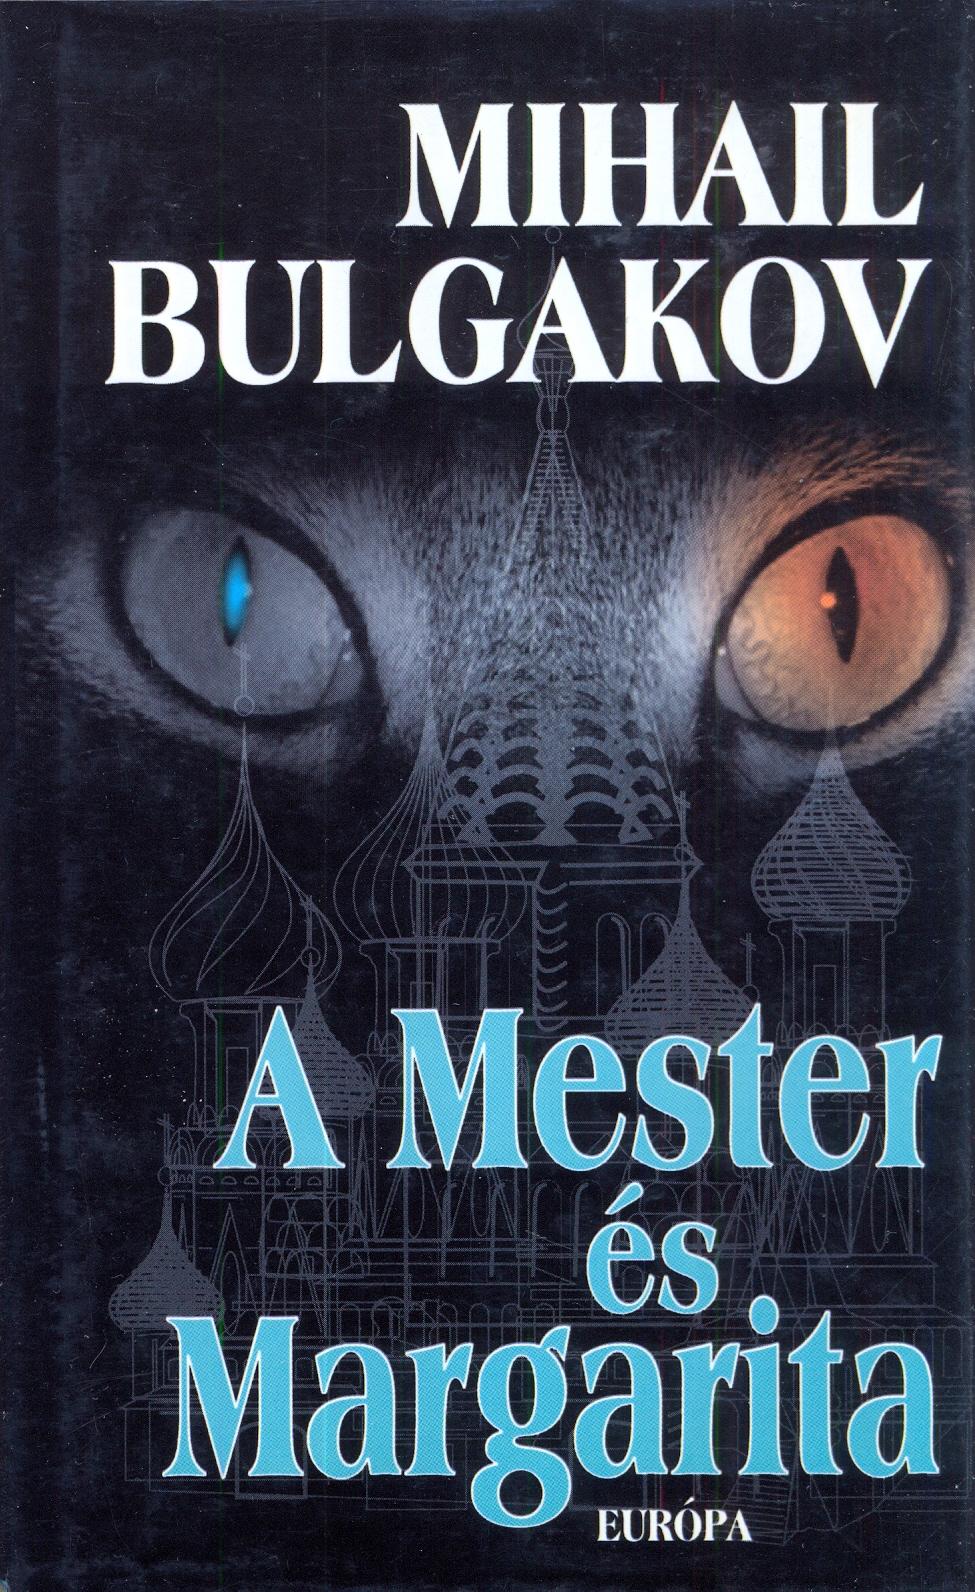 bulgakov_m.jpg